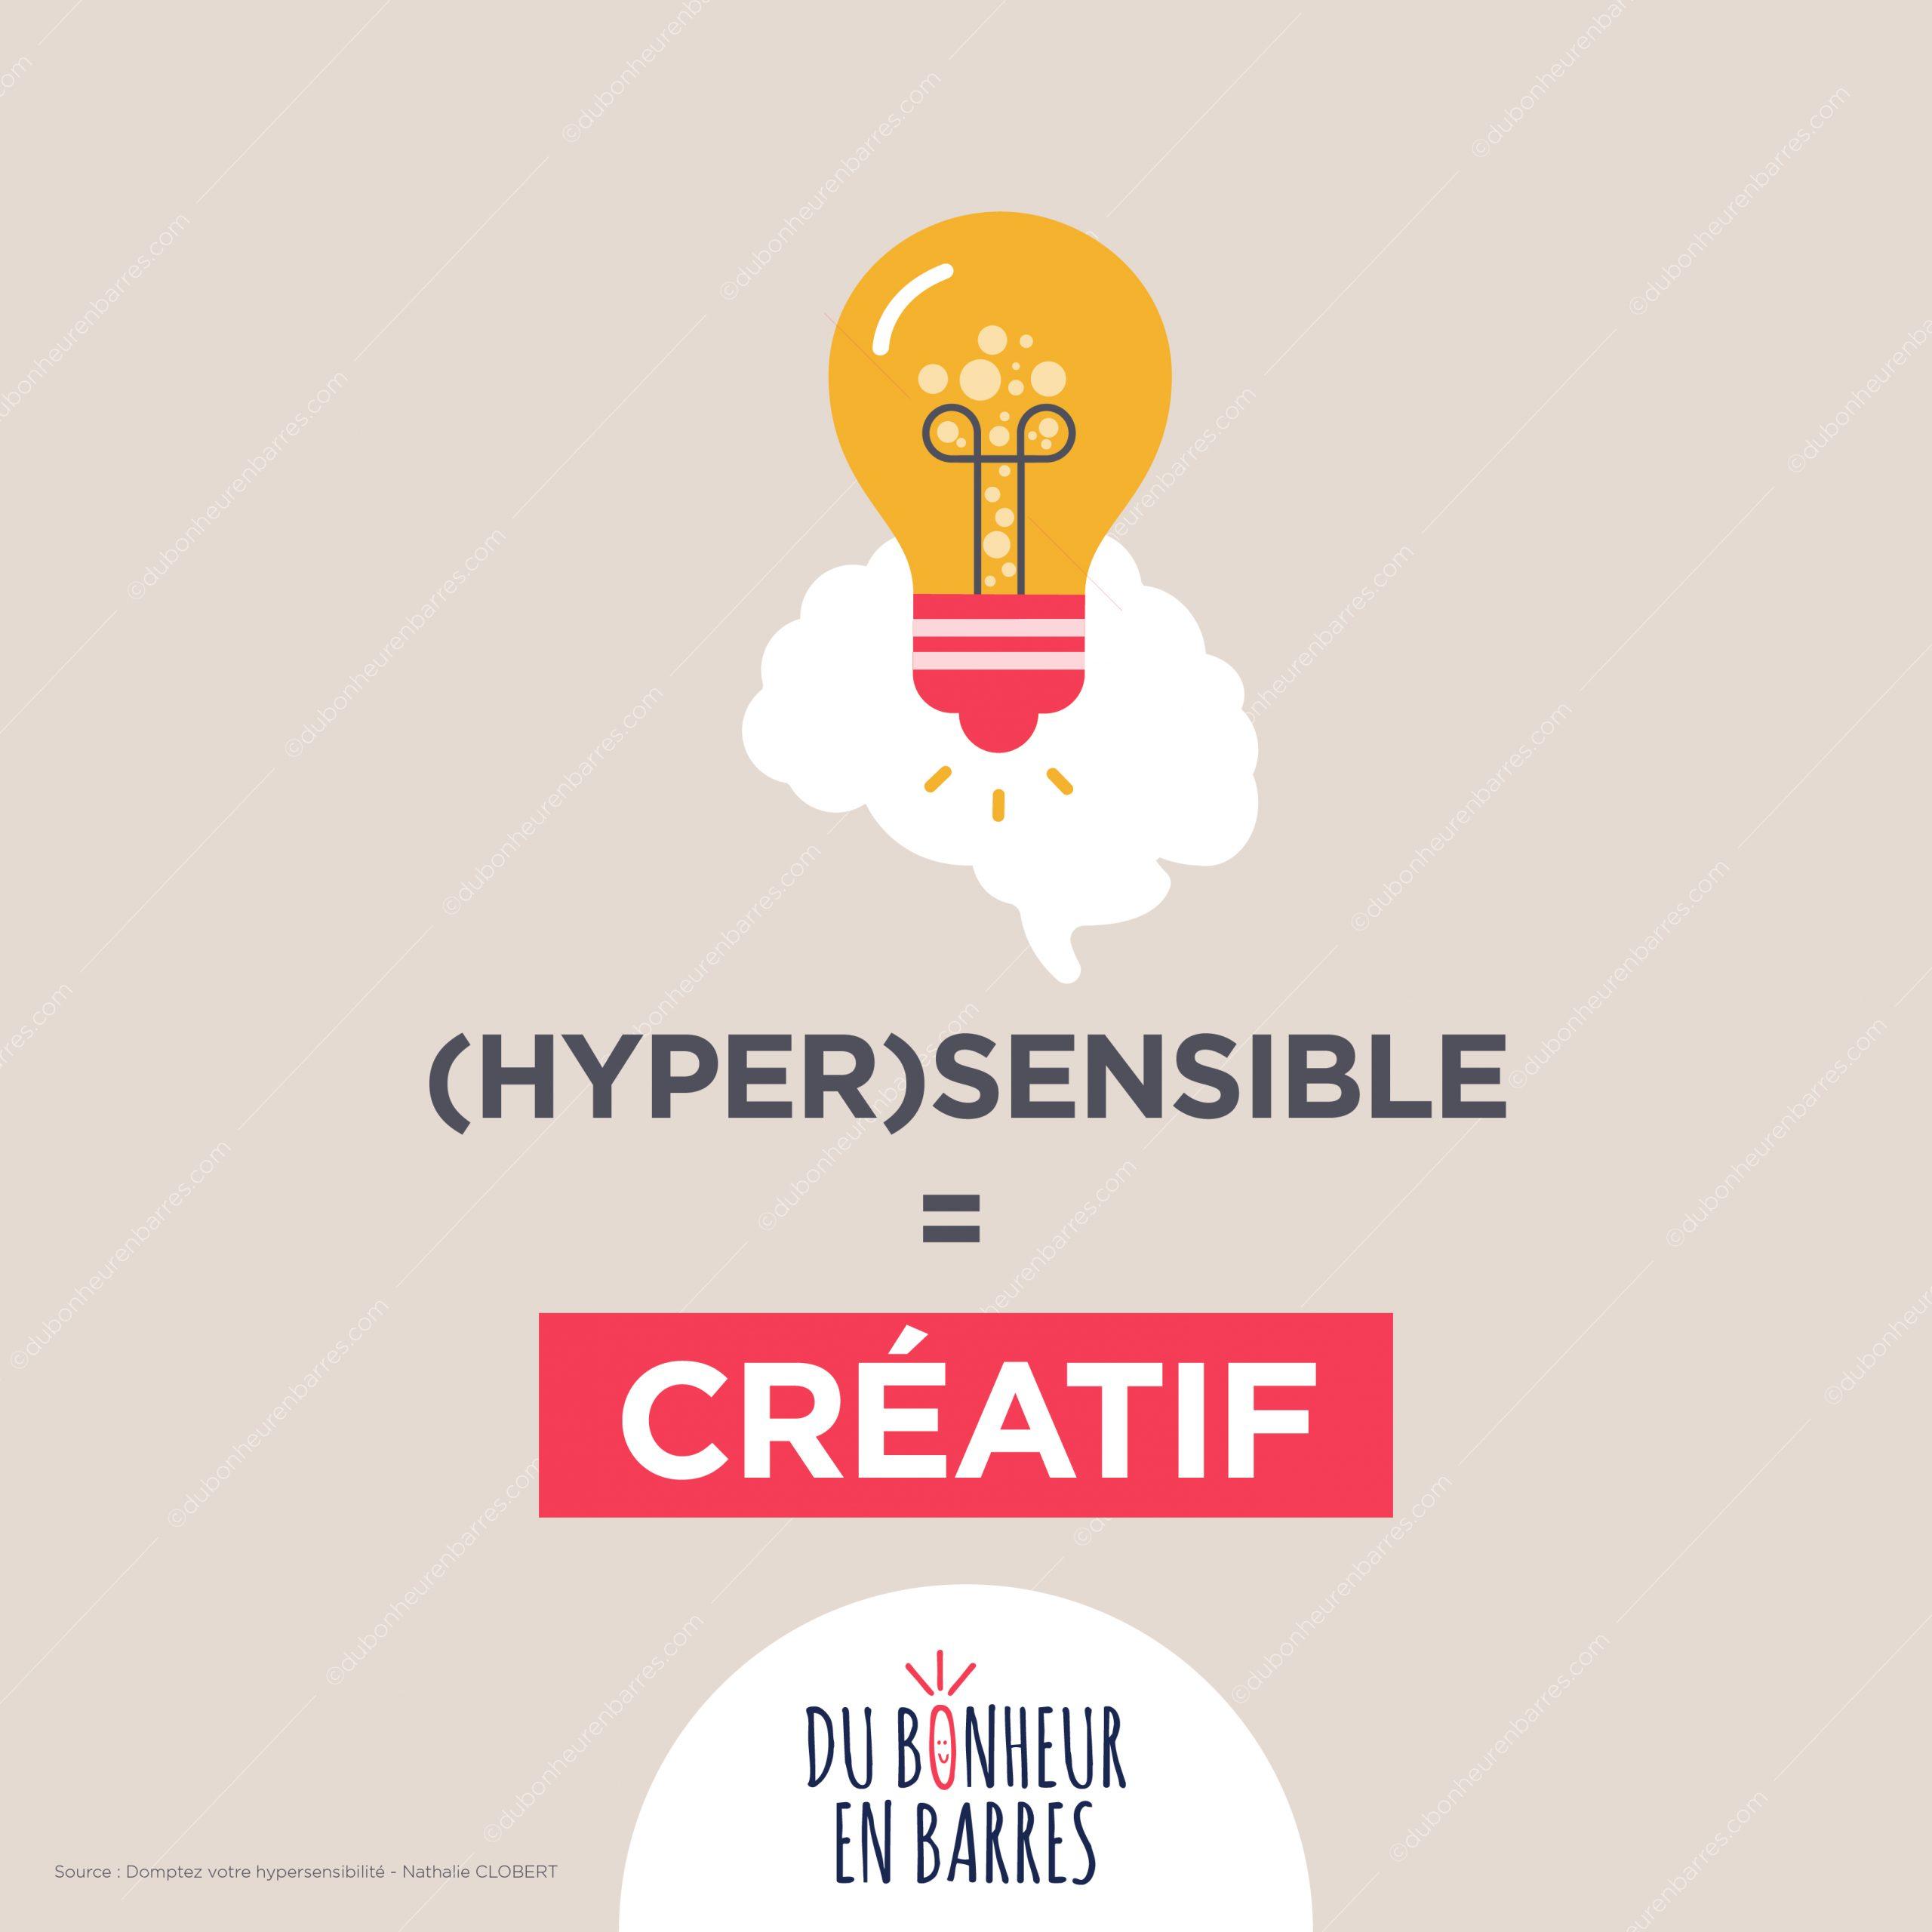 Hypersensible = créatif